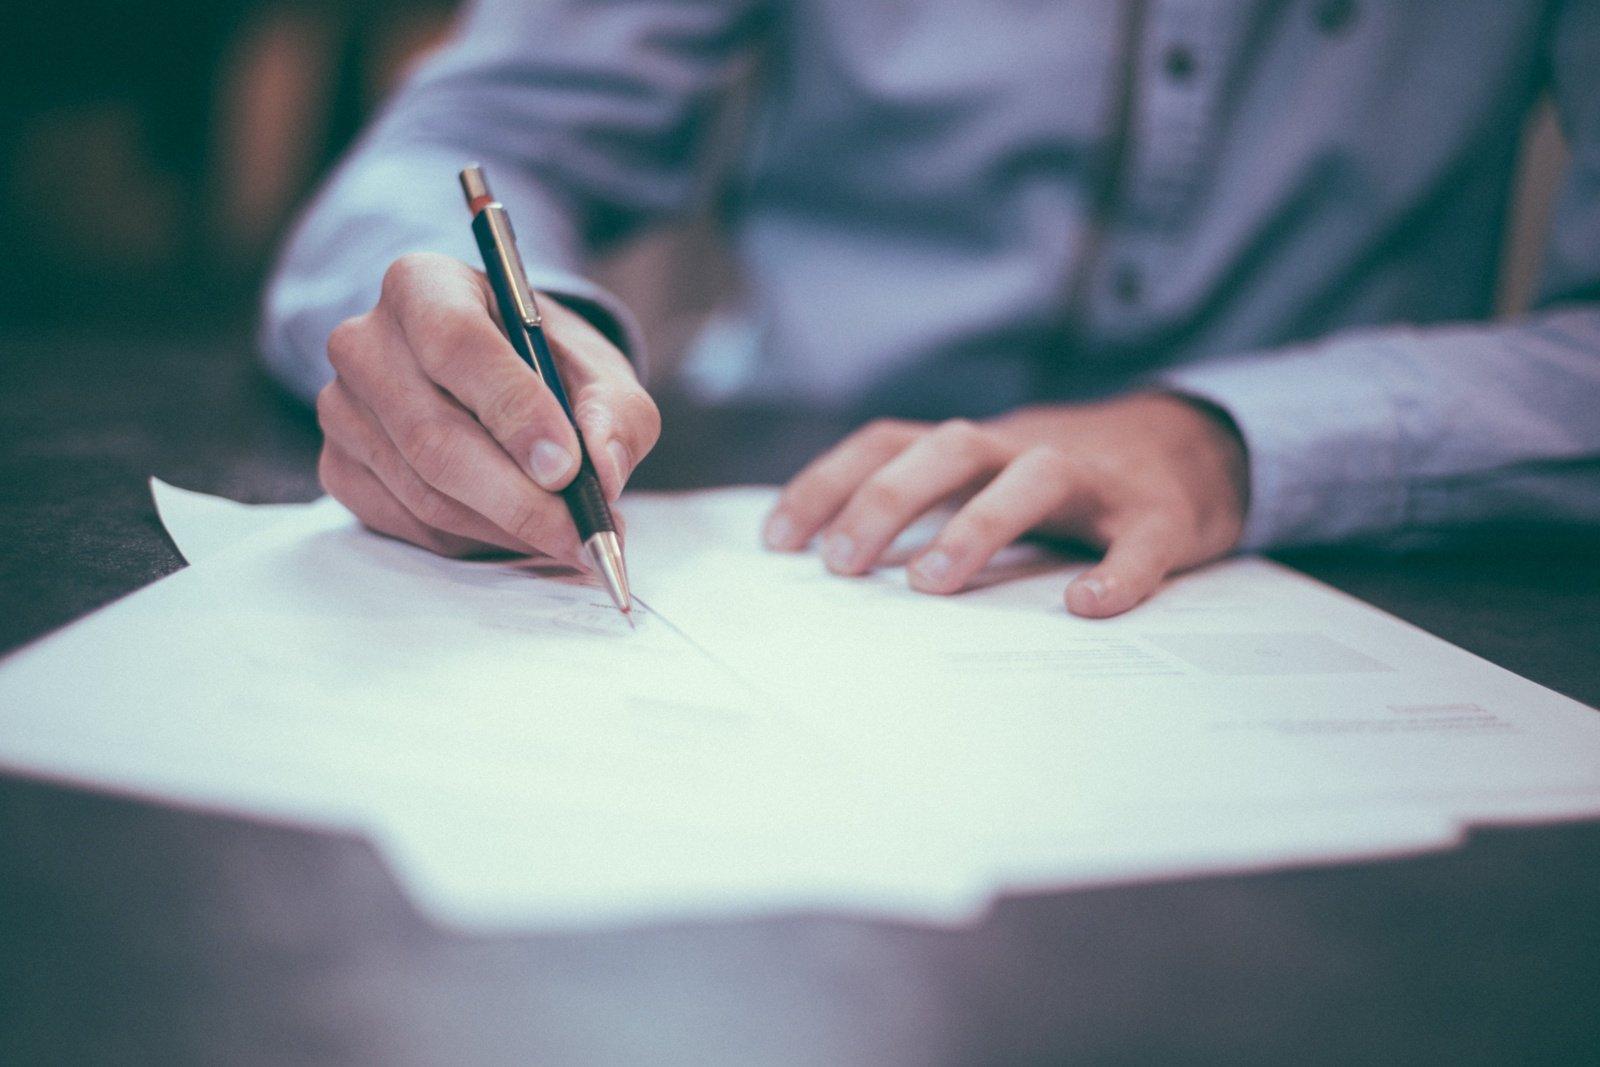 Vartotojų ir verslo ginčus nagrinėjančioms institucijoms – daugiau įgaliojimų